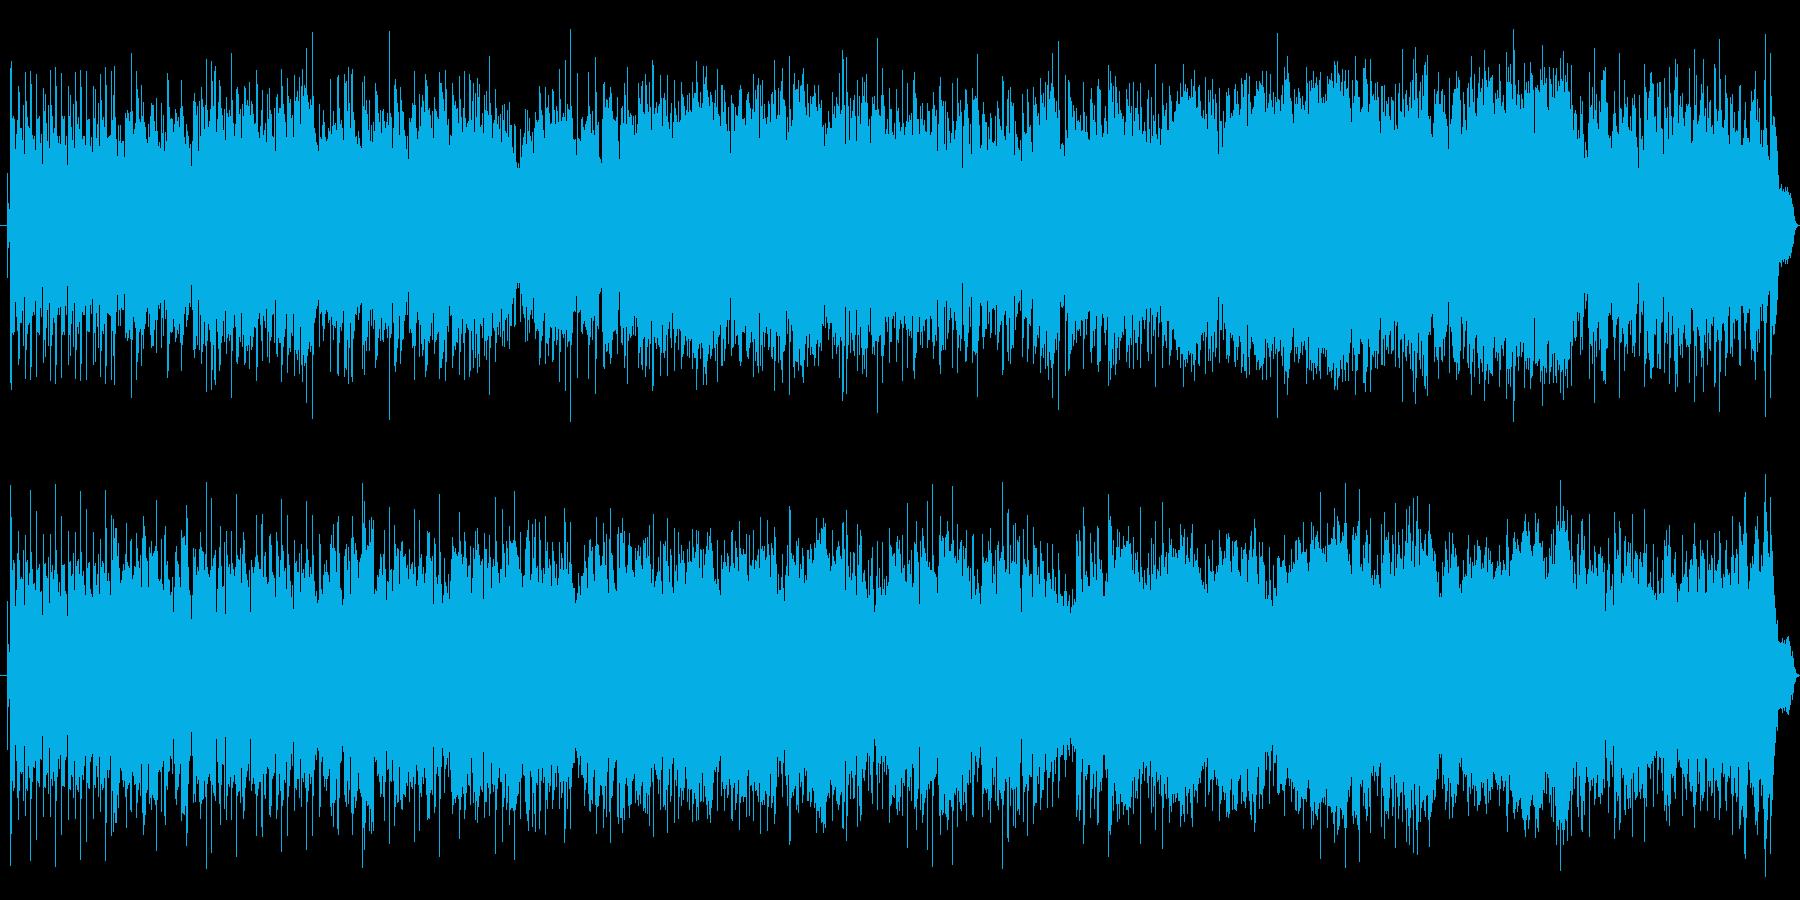 7拍子+4拍子の元気なJazzFunkの再生済みの波形